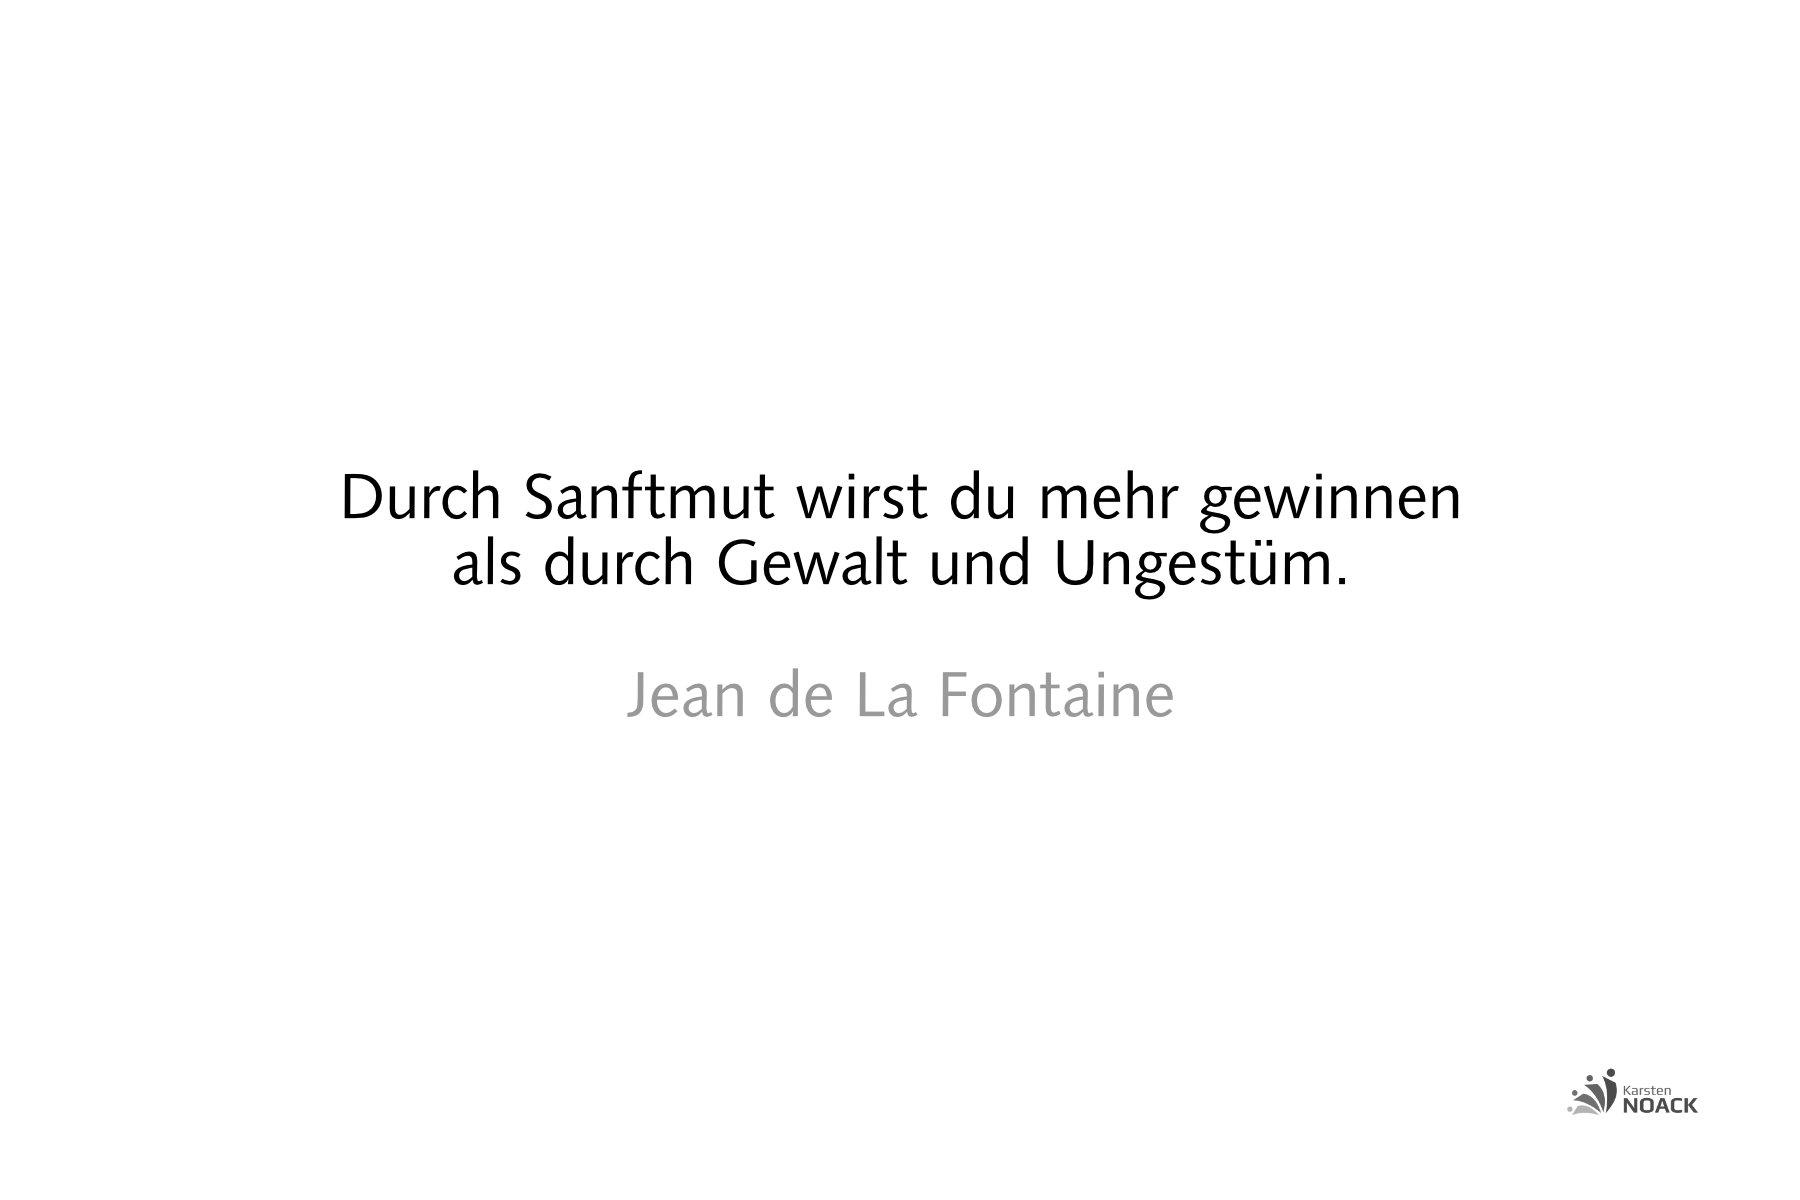 Durch Sanftmut wirst du mehr gewinnen als durch Gewalt und Ungestüm. Jean de La Fontaine